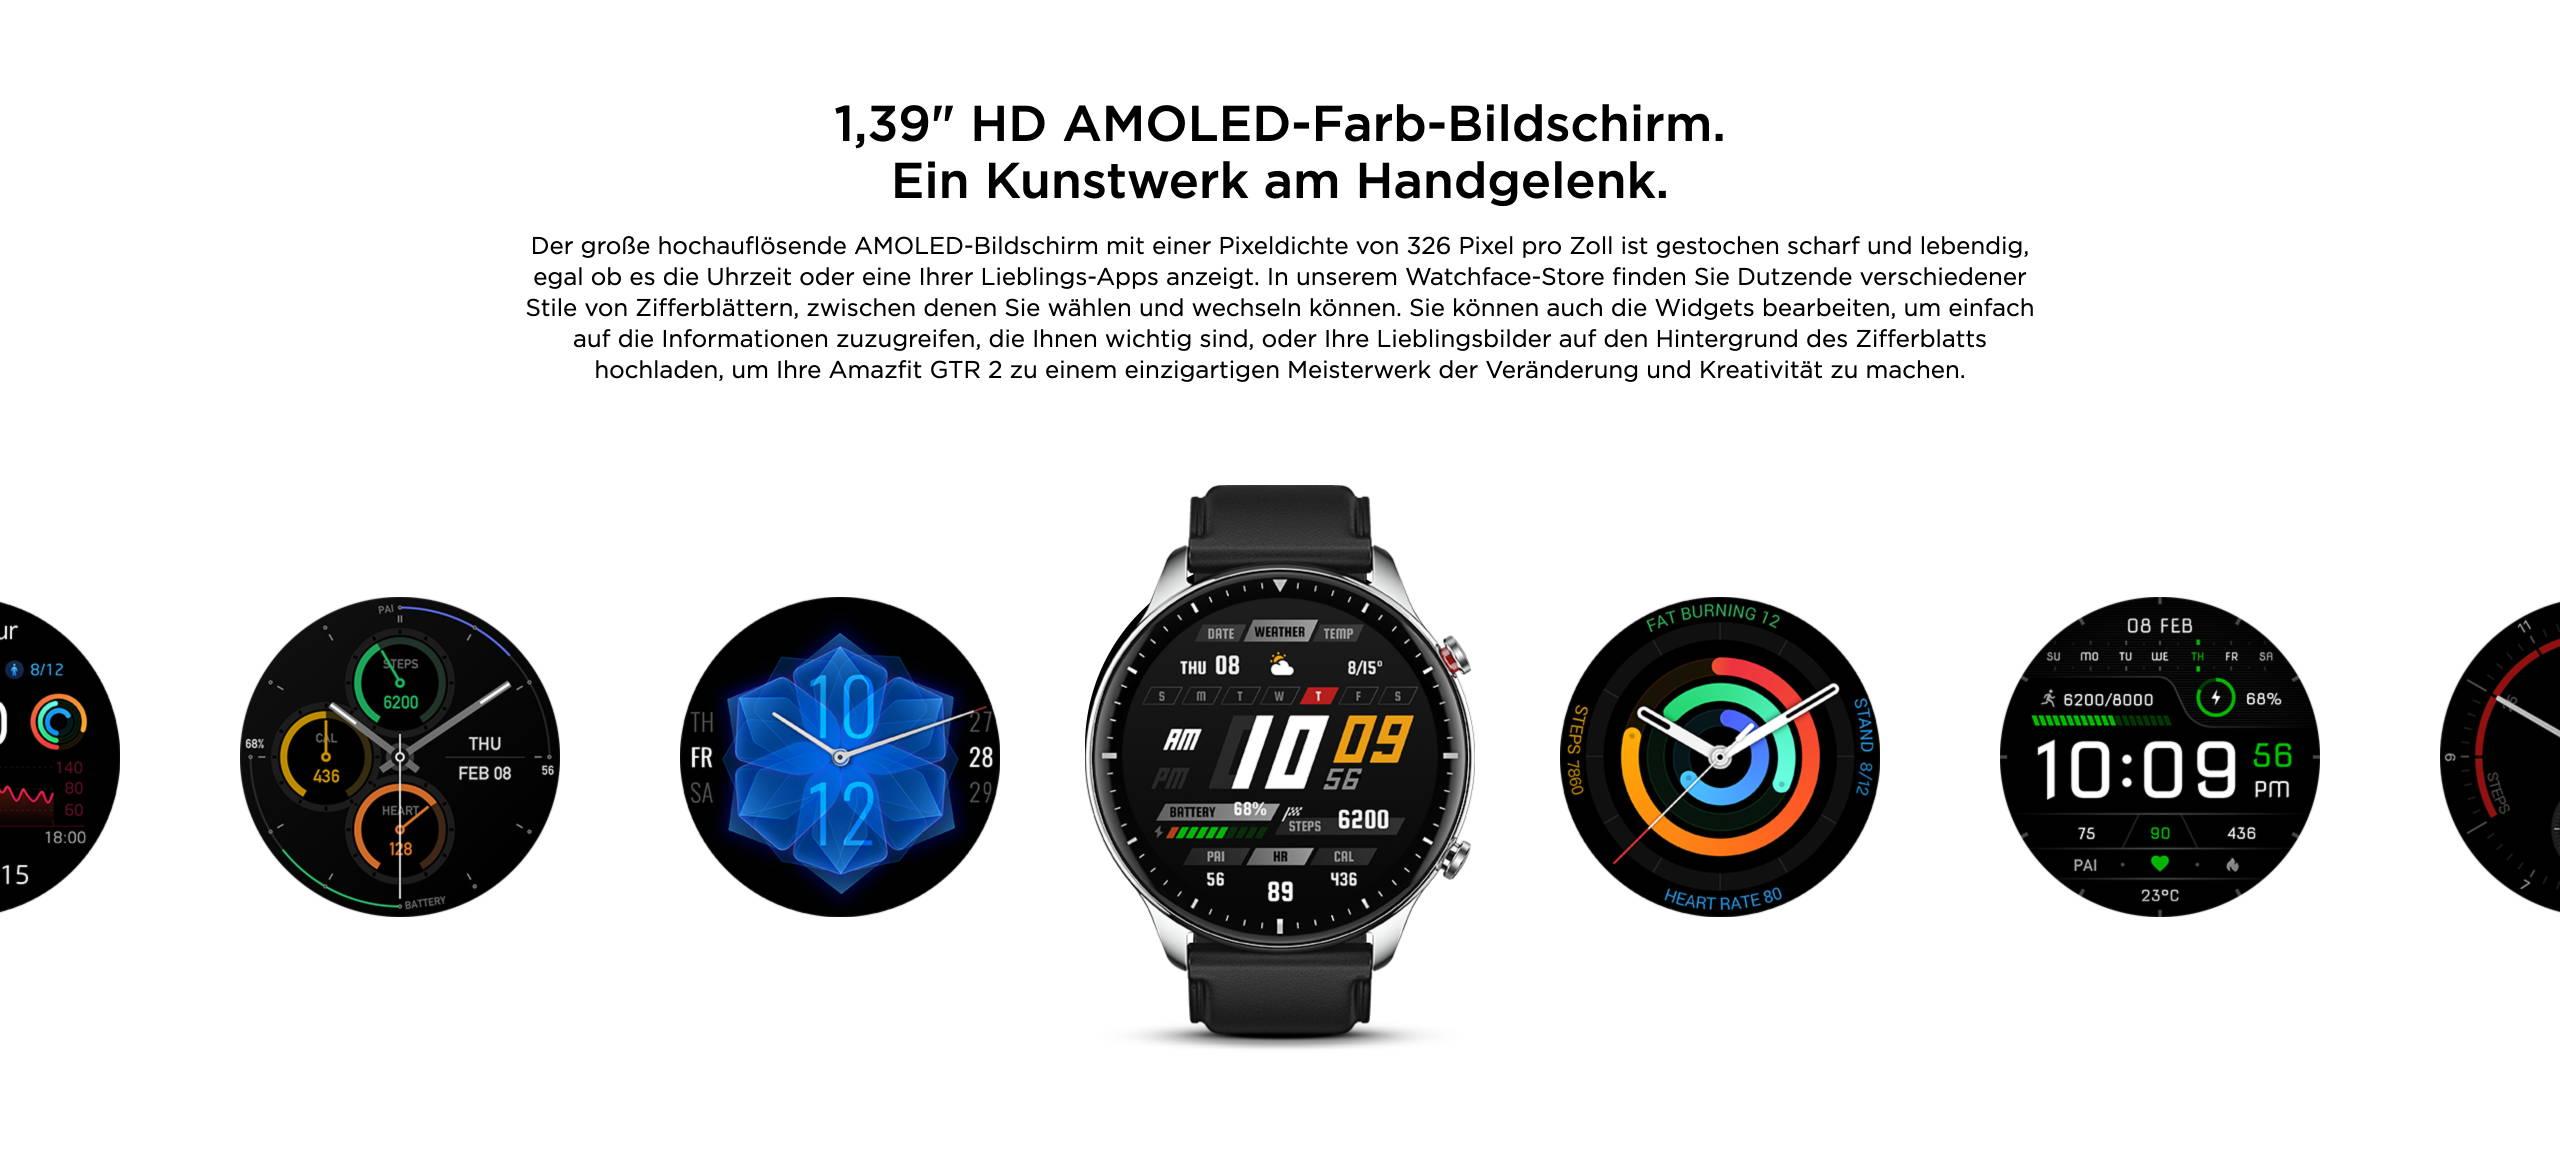 """Amazfit GTR 2 - 1,39"""" HD AMOLED-Farb-Bildschirm. Ein Kunstwerk am Handgelenk."""